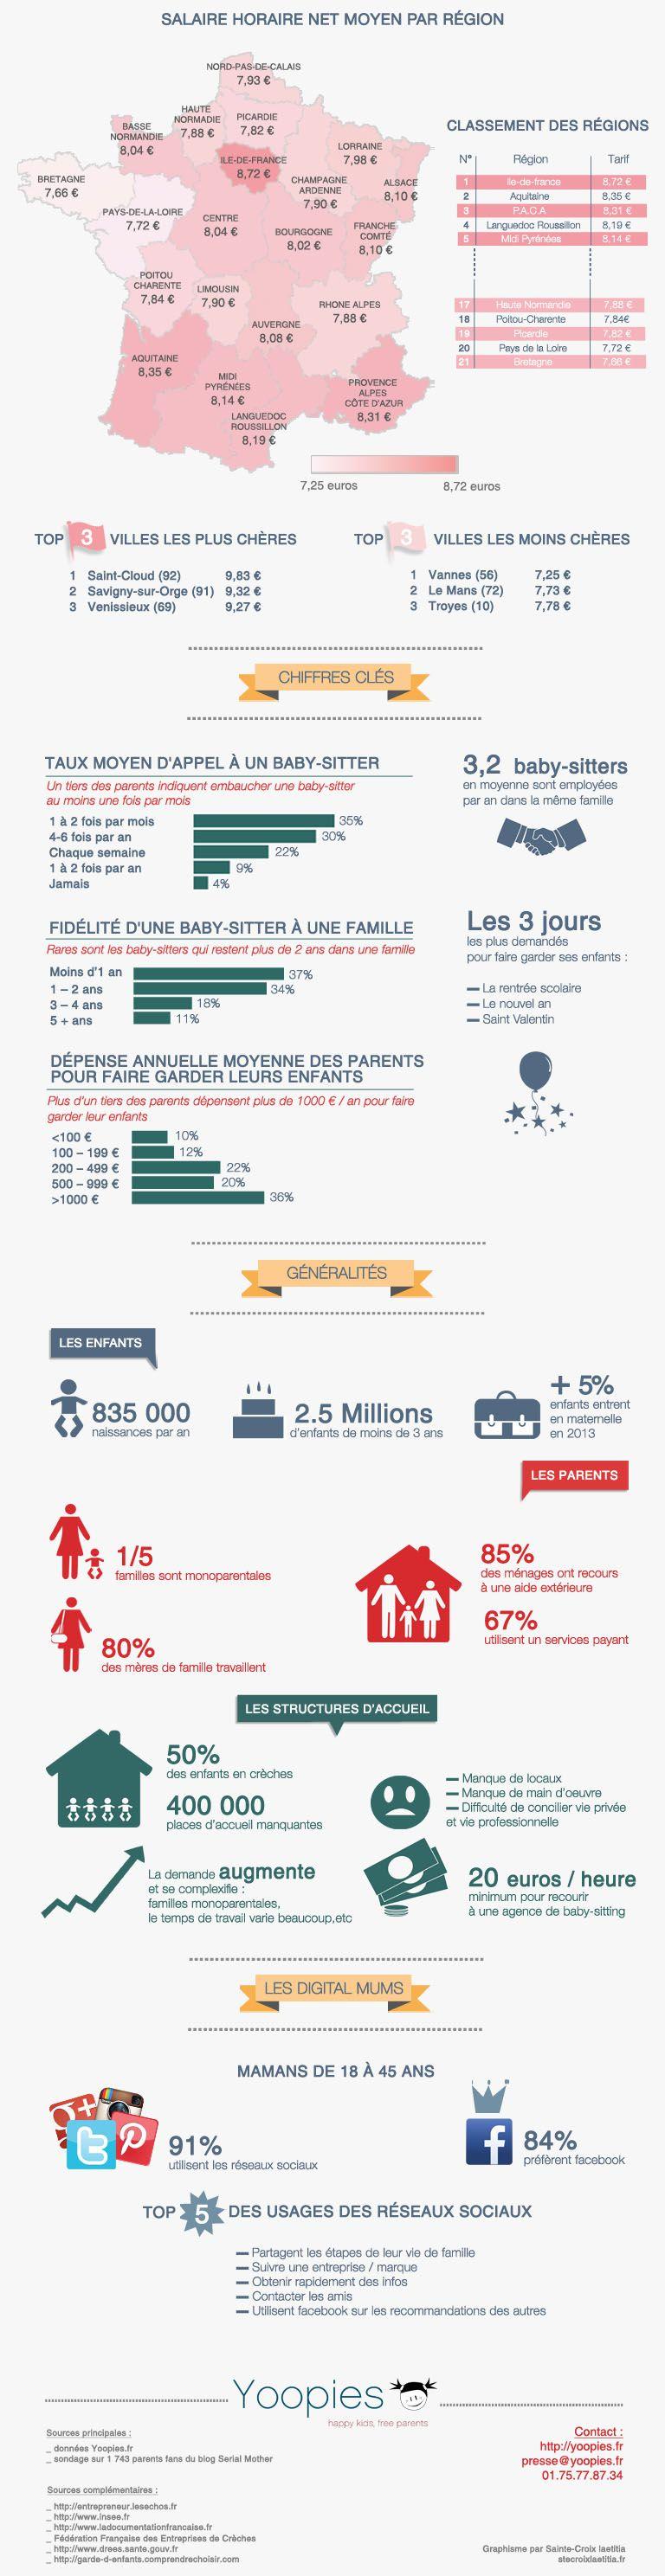 Marché de la garde d'enfants et du baby sitting : infographie